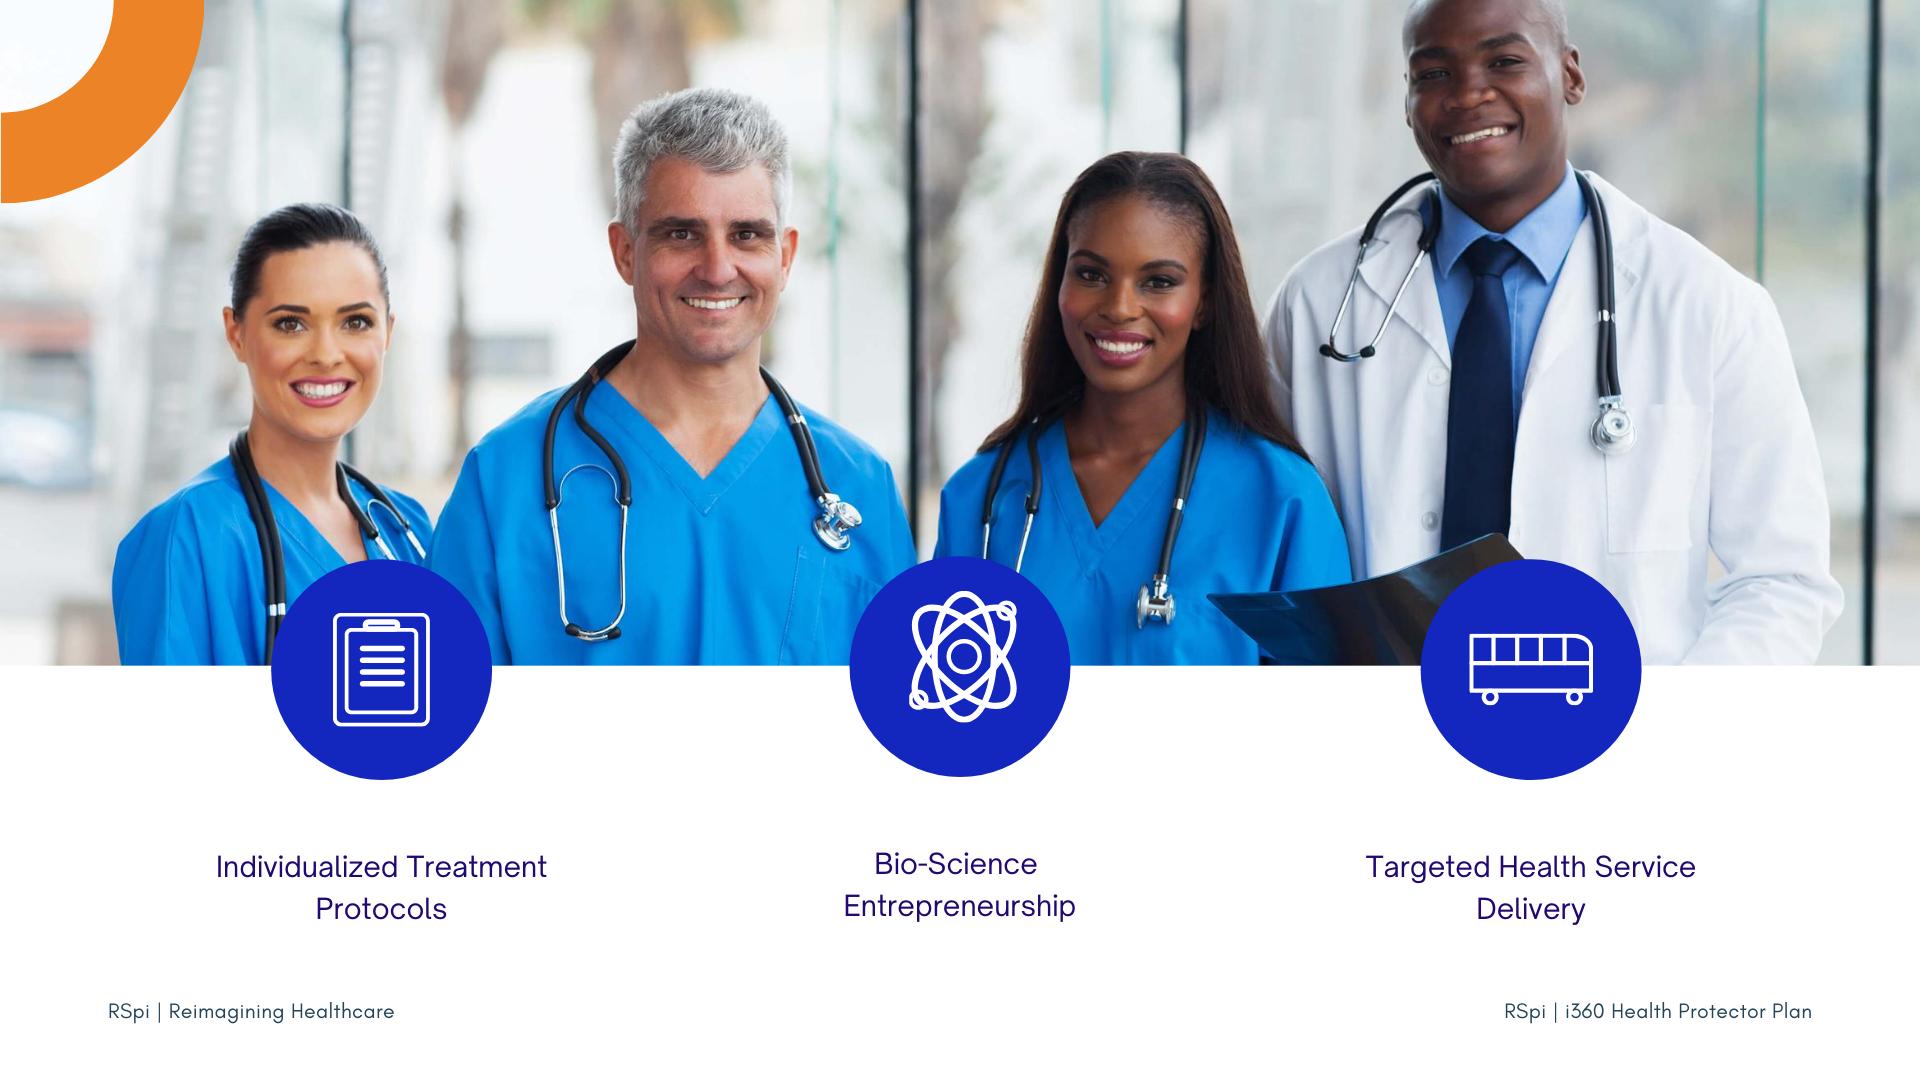 RS Pharmaceutical Innovations i360 Healt